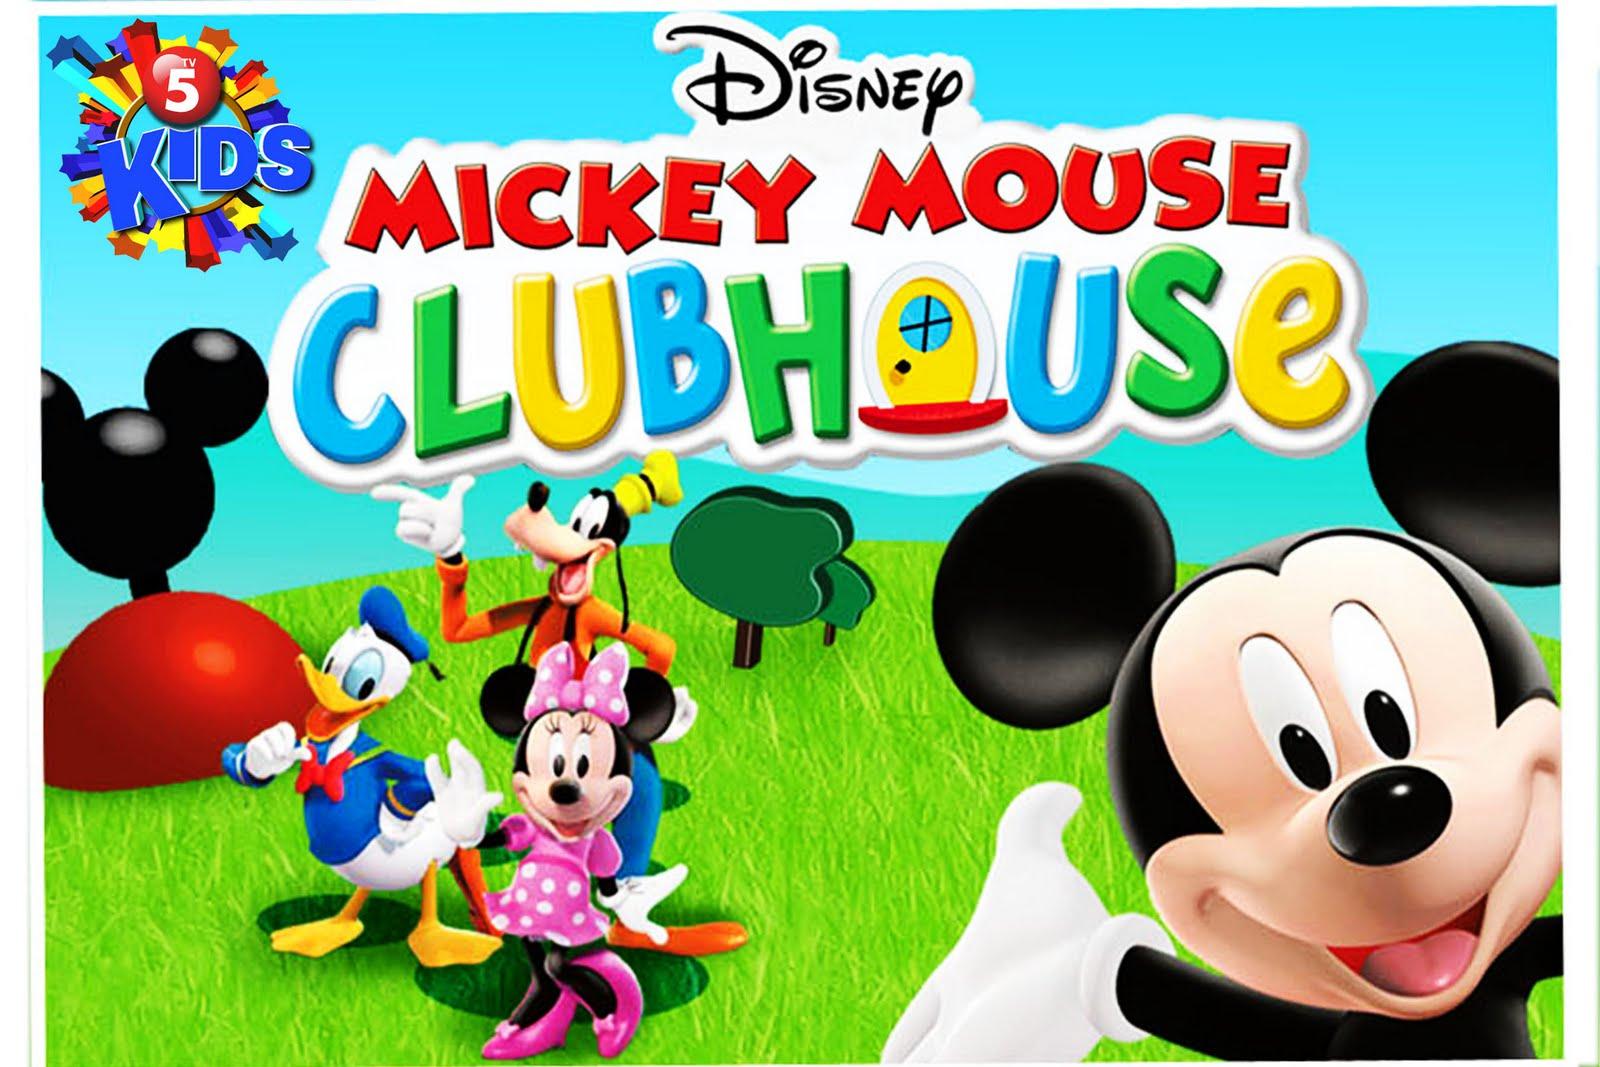 Mickey Mouse Wallpapers Disney Hd Desktop Wallpapers 4k Hd